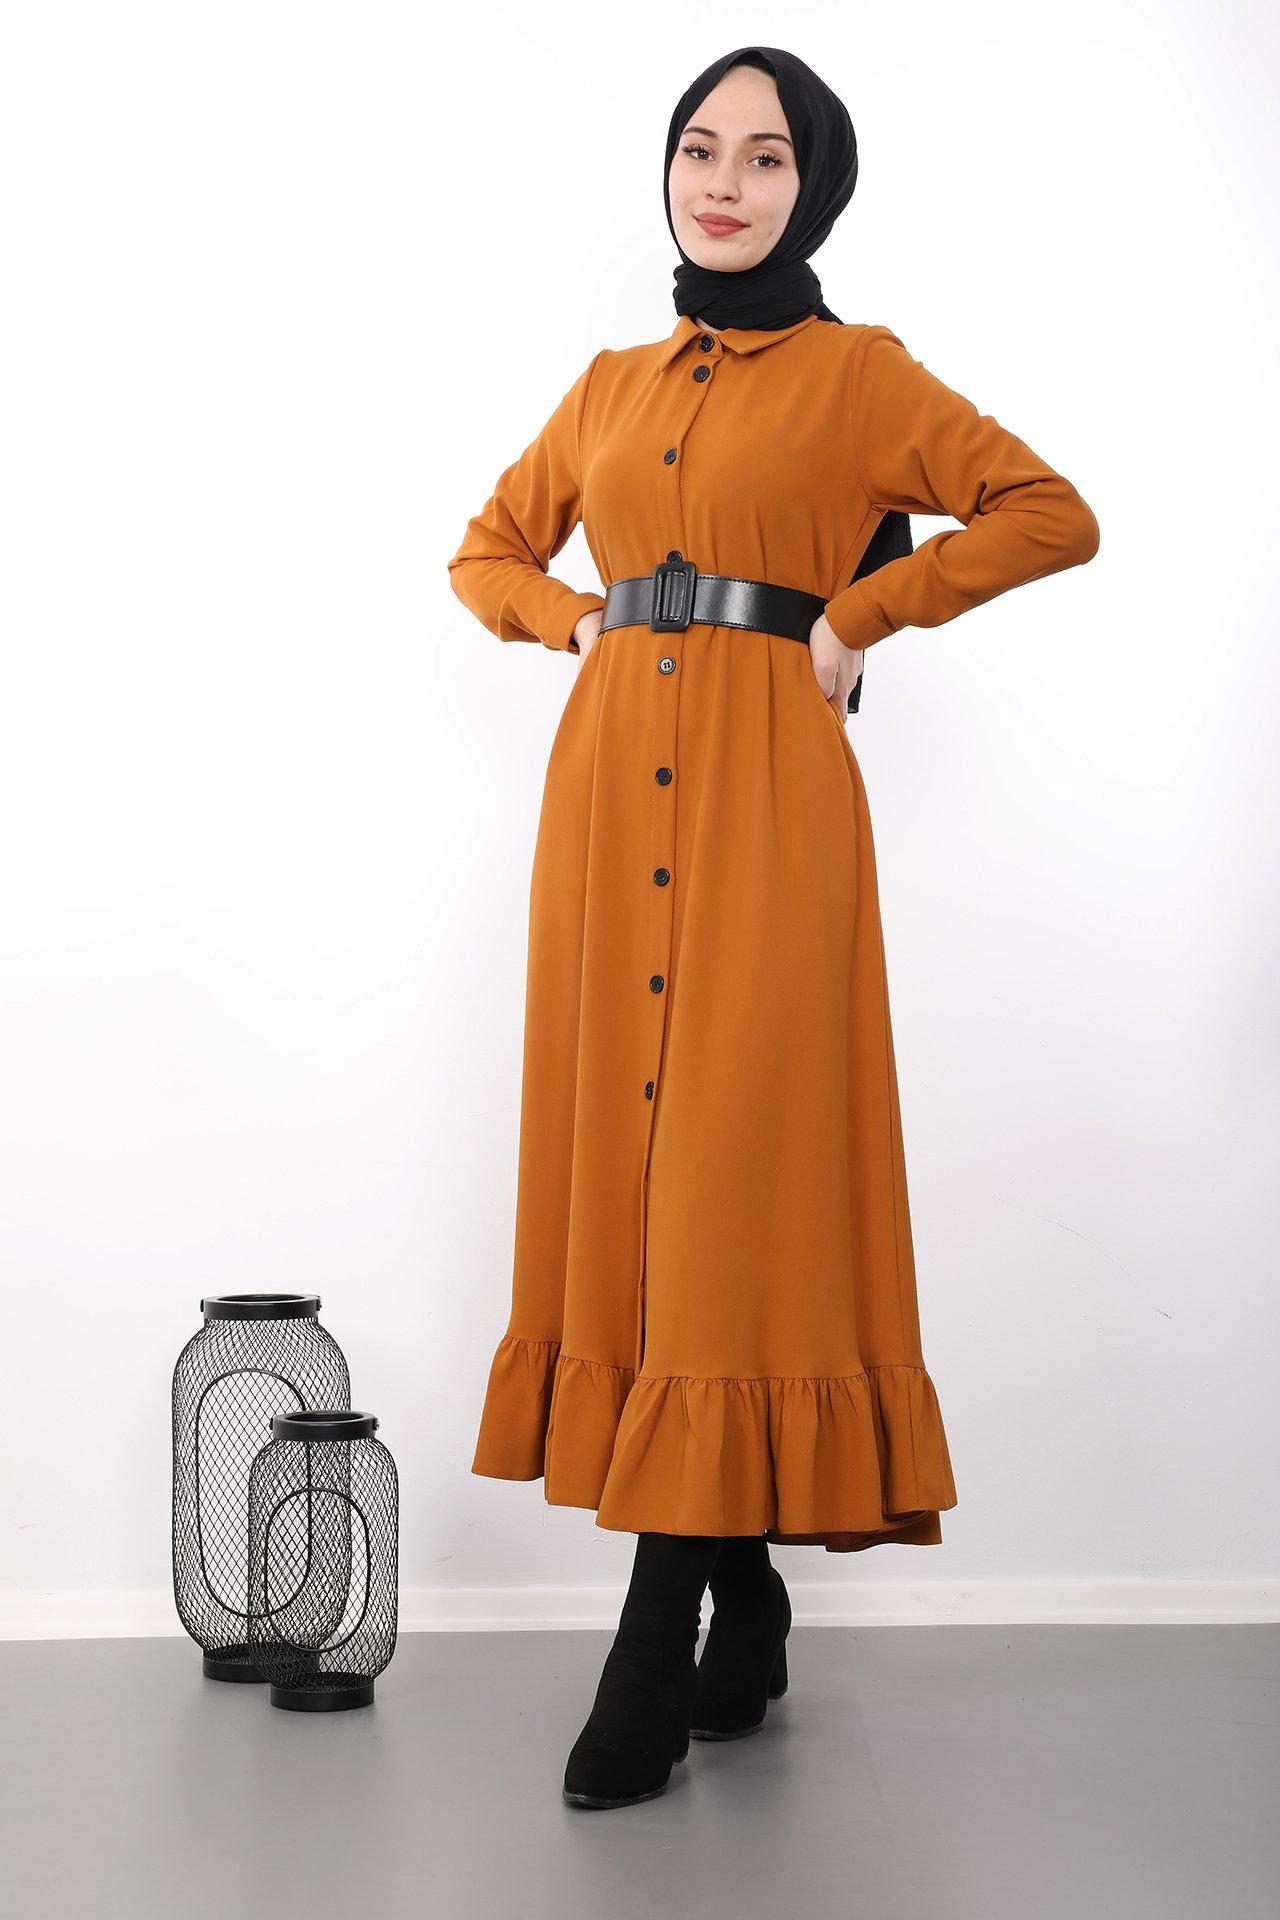 GİZAGİYİM - Altı Fırfırlı Düğmeli Tesettür Elbise Hardal